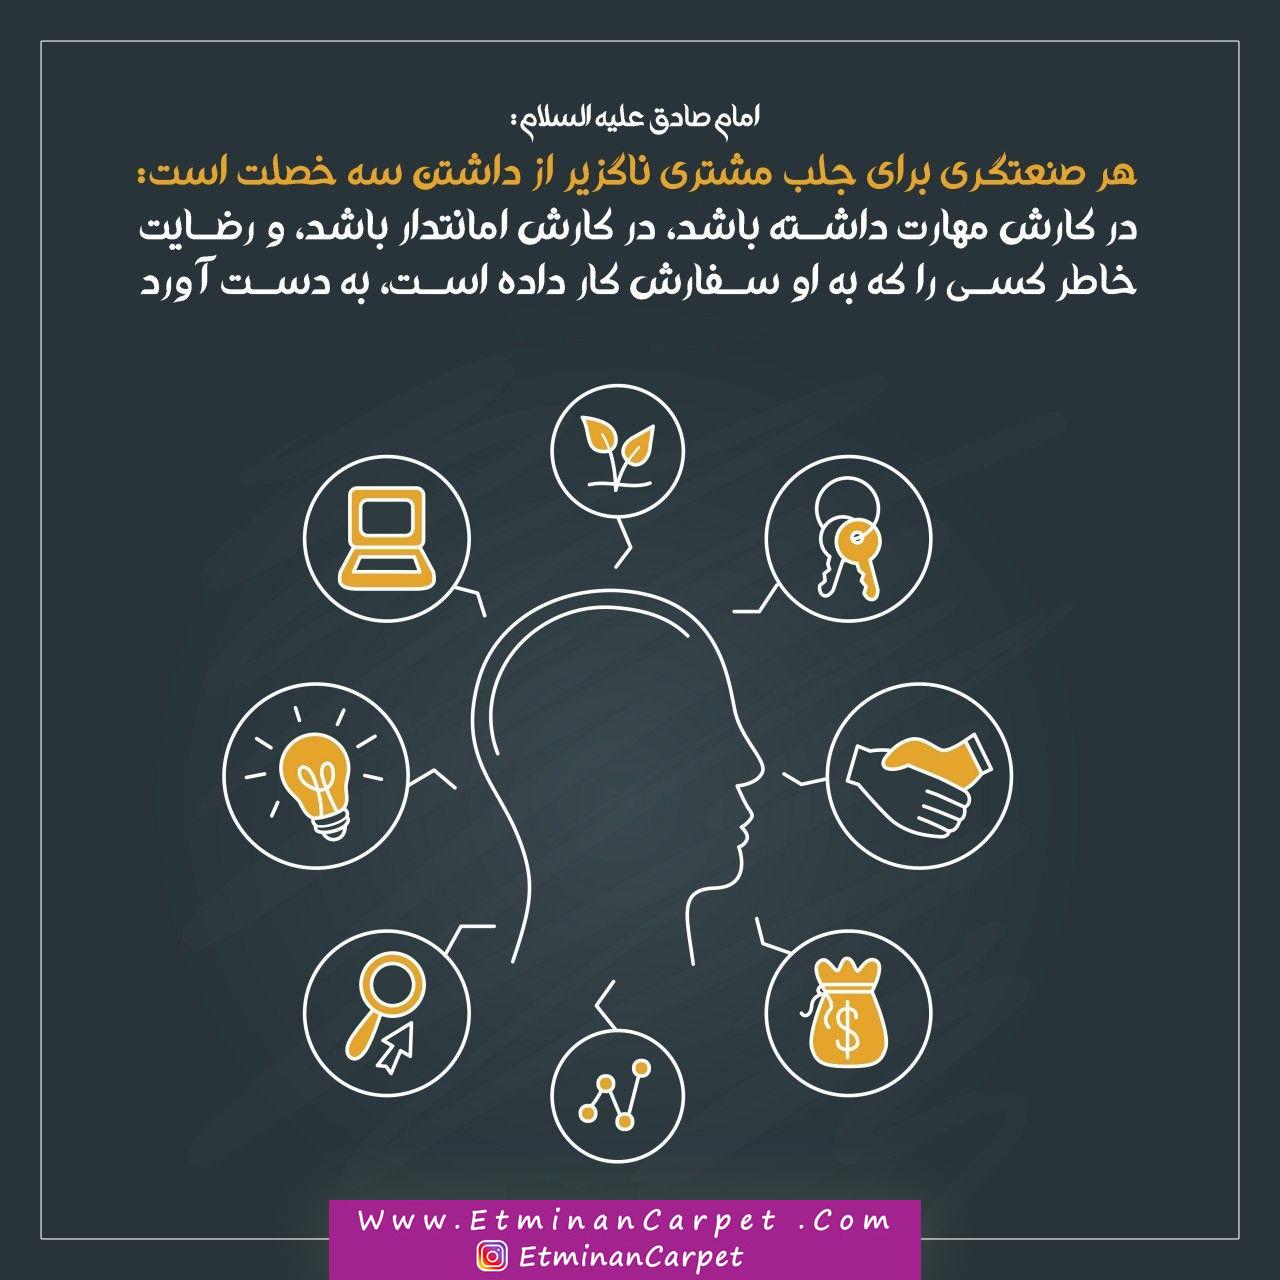 مهارت - دانش - صنعت - مشتری مداری - امانت داری